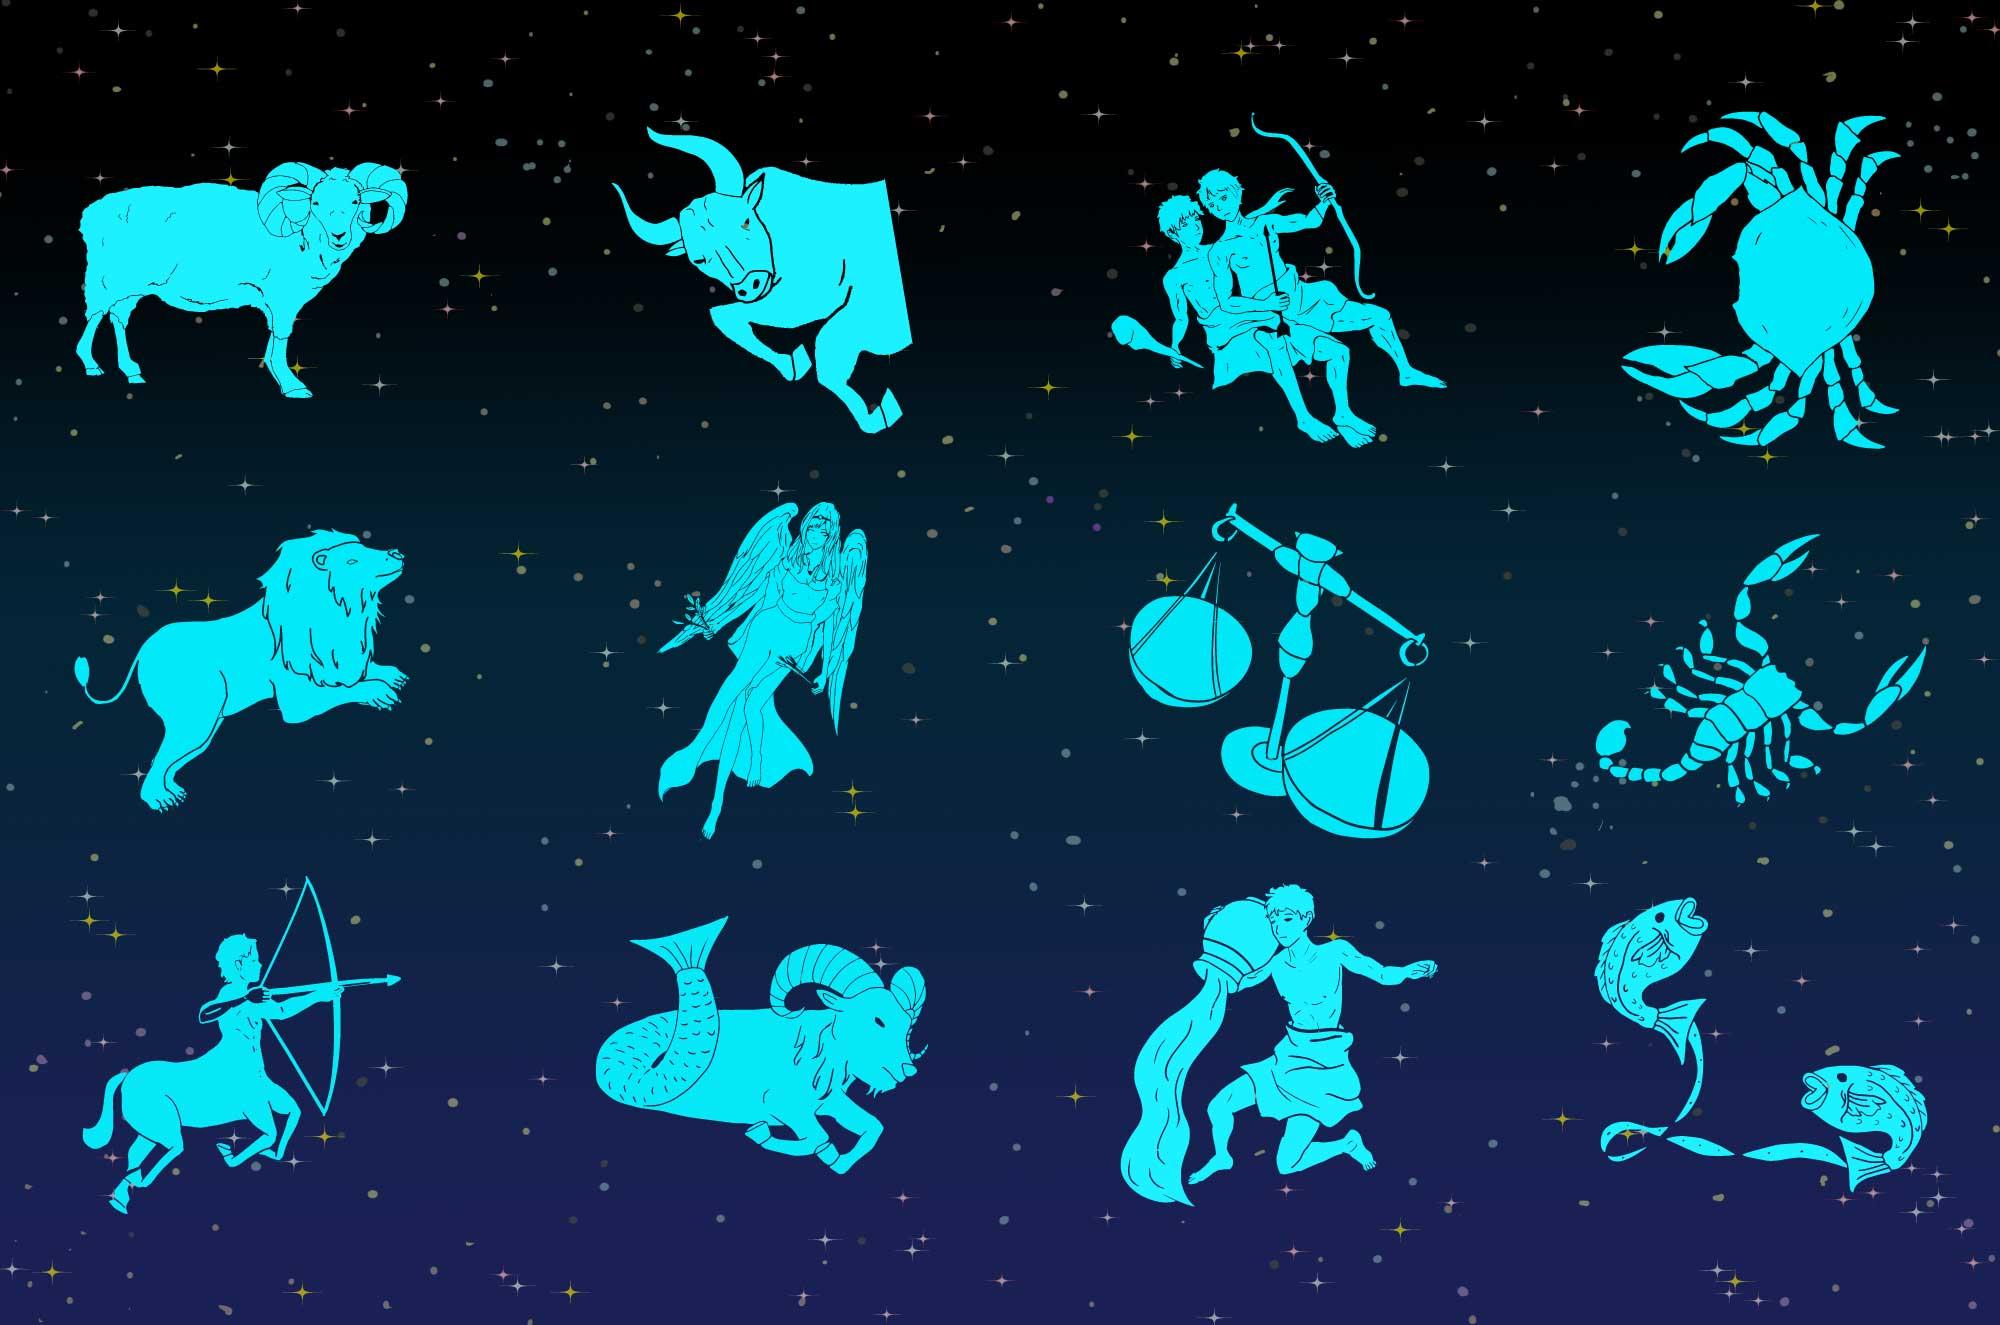 星座のフリーイラスト - 星を点と線で結ぶ12星座の絵